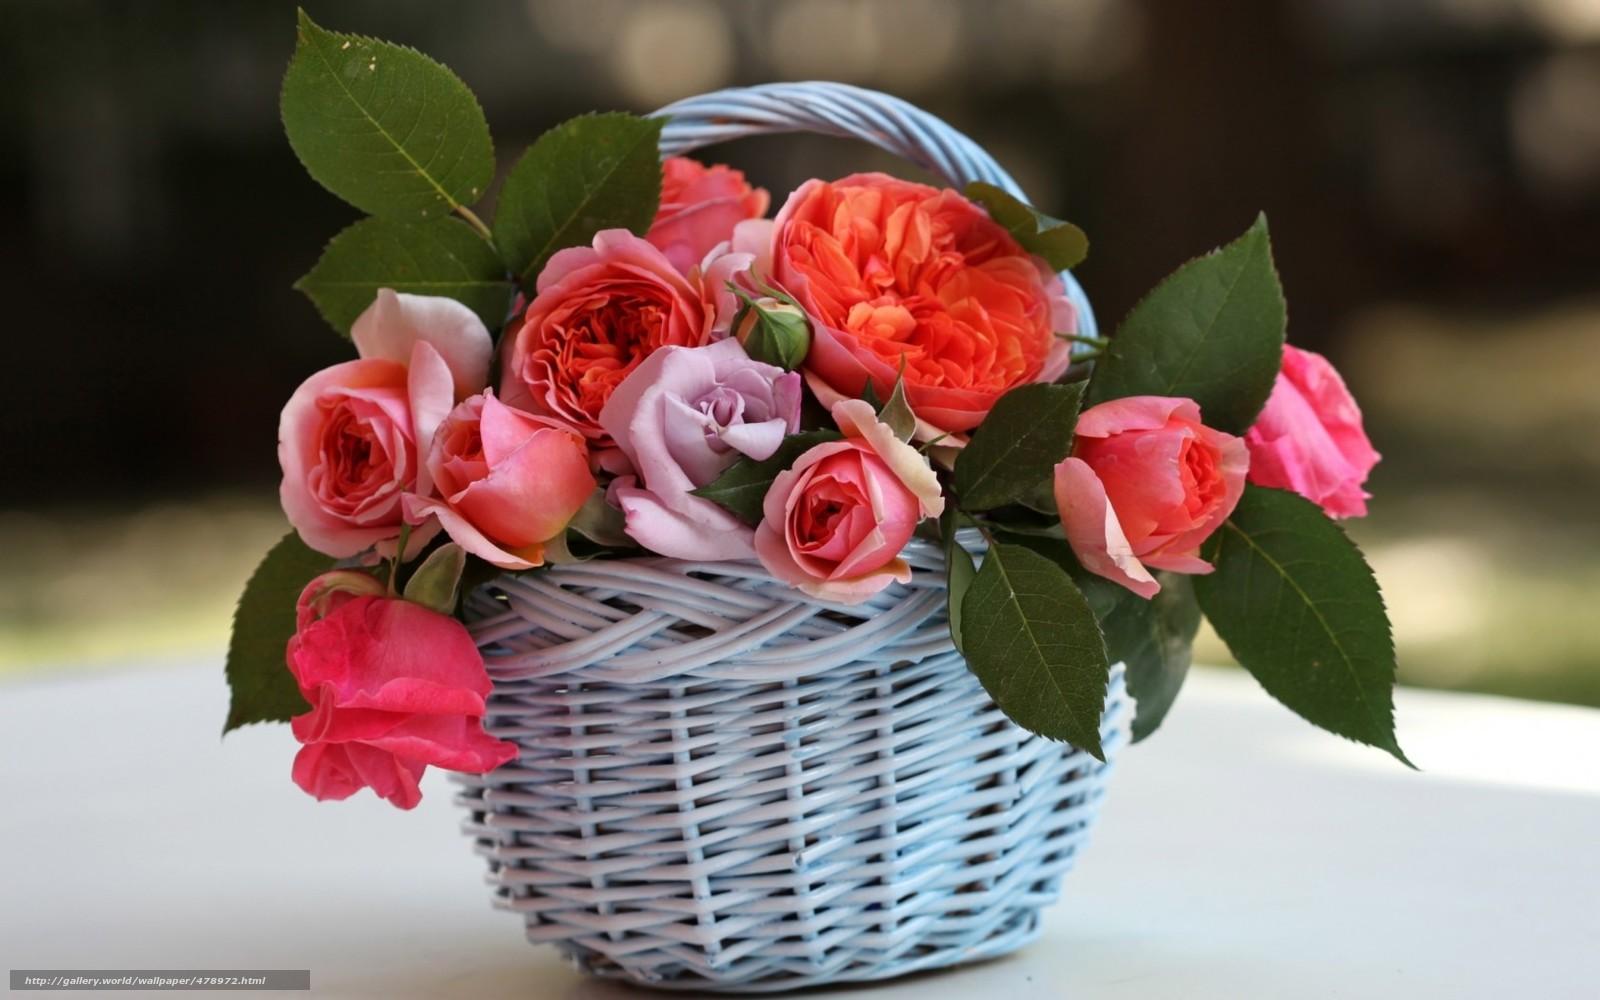 tlcharger fond d 39 ecran panier roses feuillage fleurs fonds d 39 ecran gratuits pour votre. Black Bedroom Furniture Sets. Home Design Ideas